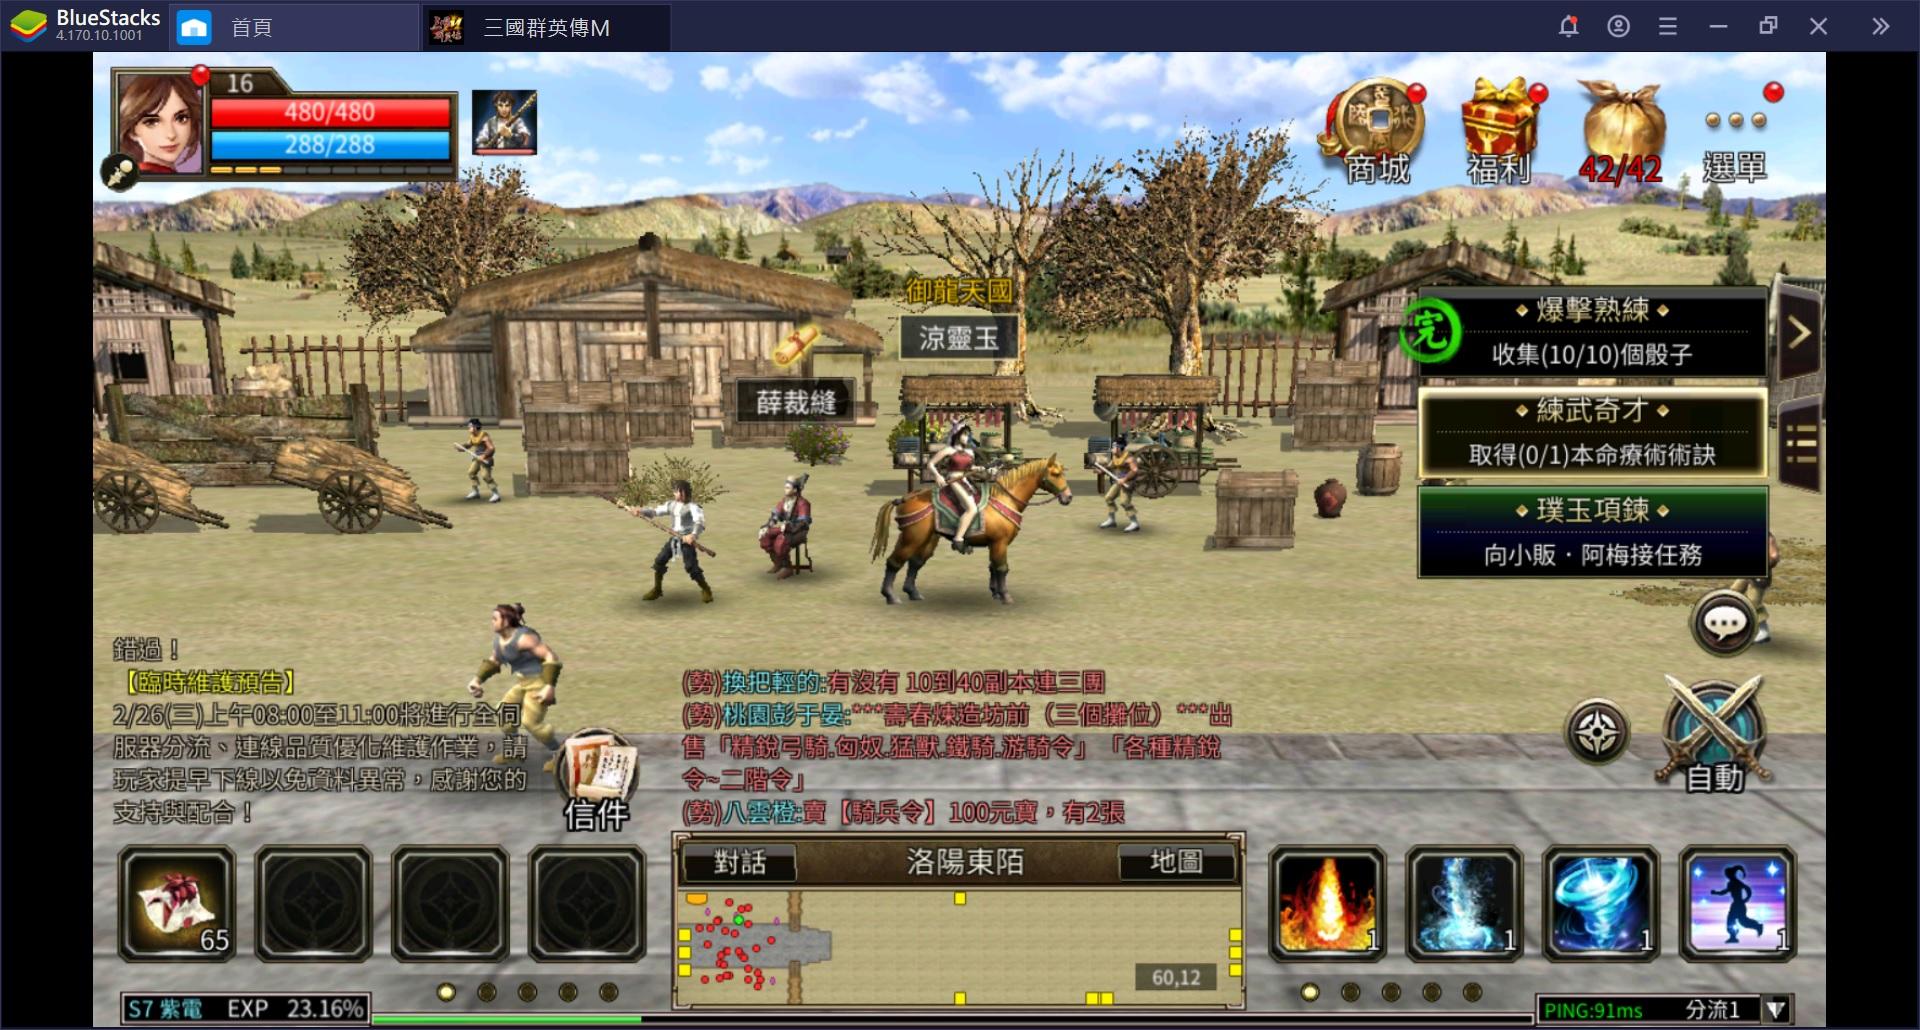 使用BlueStacks在電腦上體驗MMORPG 國戰手機遊戲《三國群英傳 M》